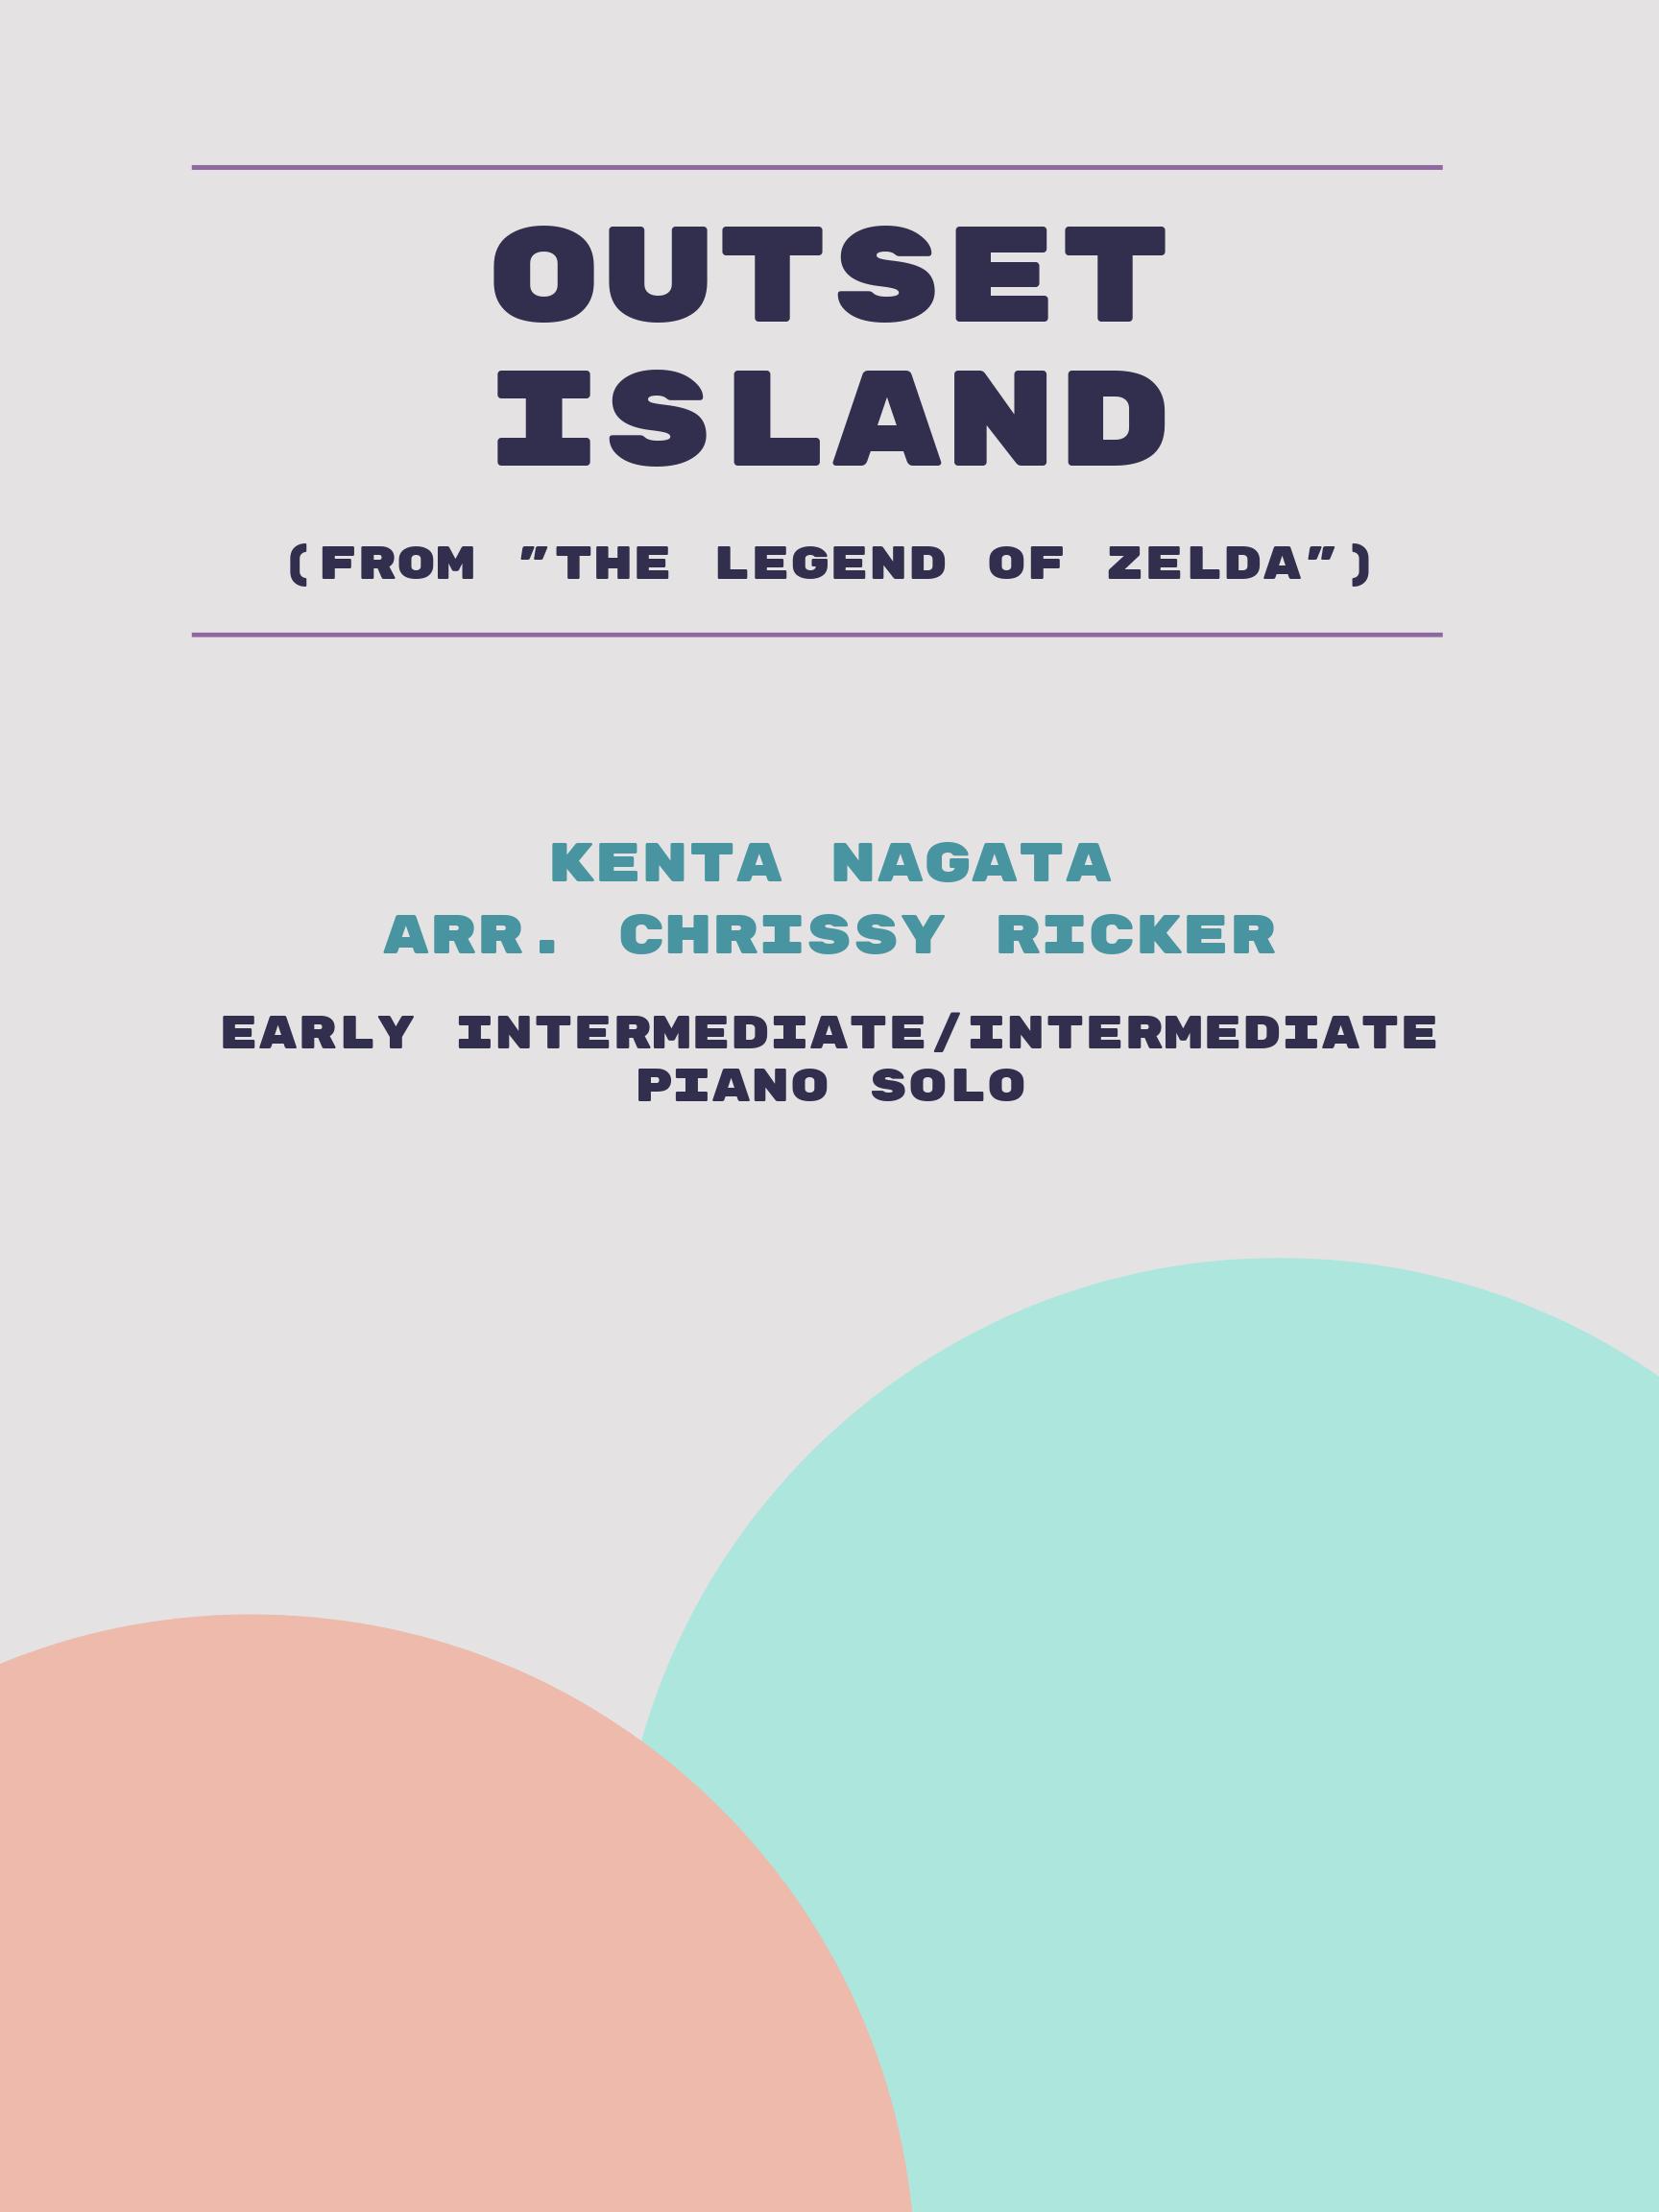 Outset Island by Kenta Nagata